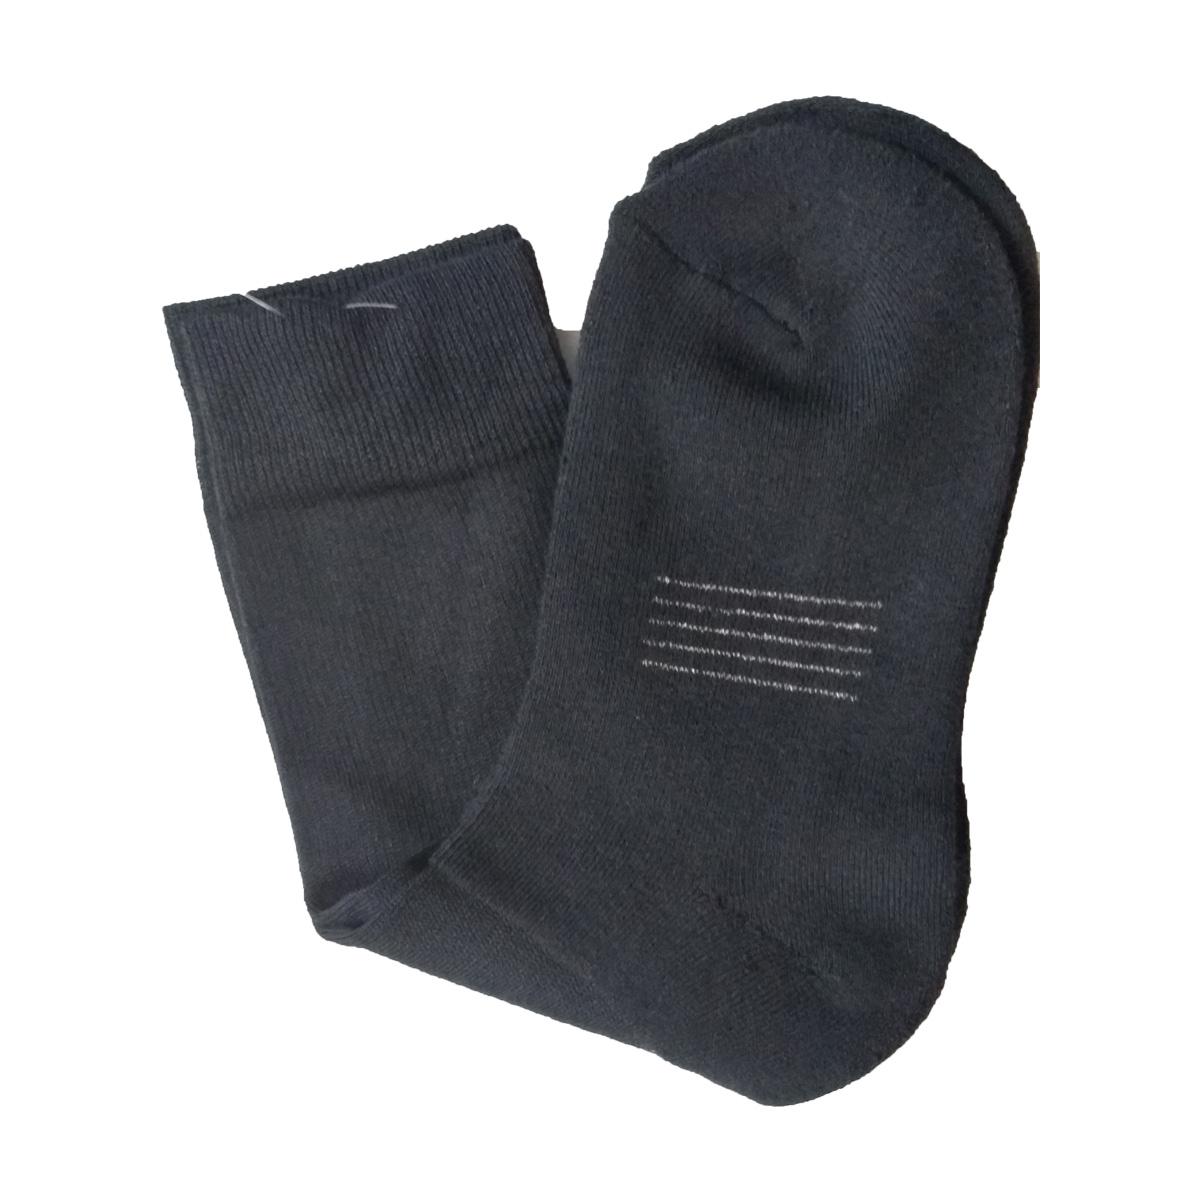 Meindl čarape